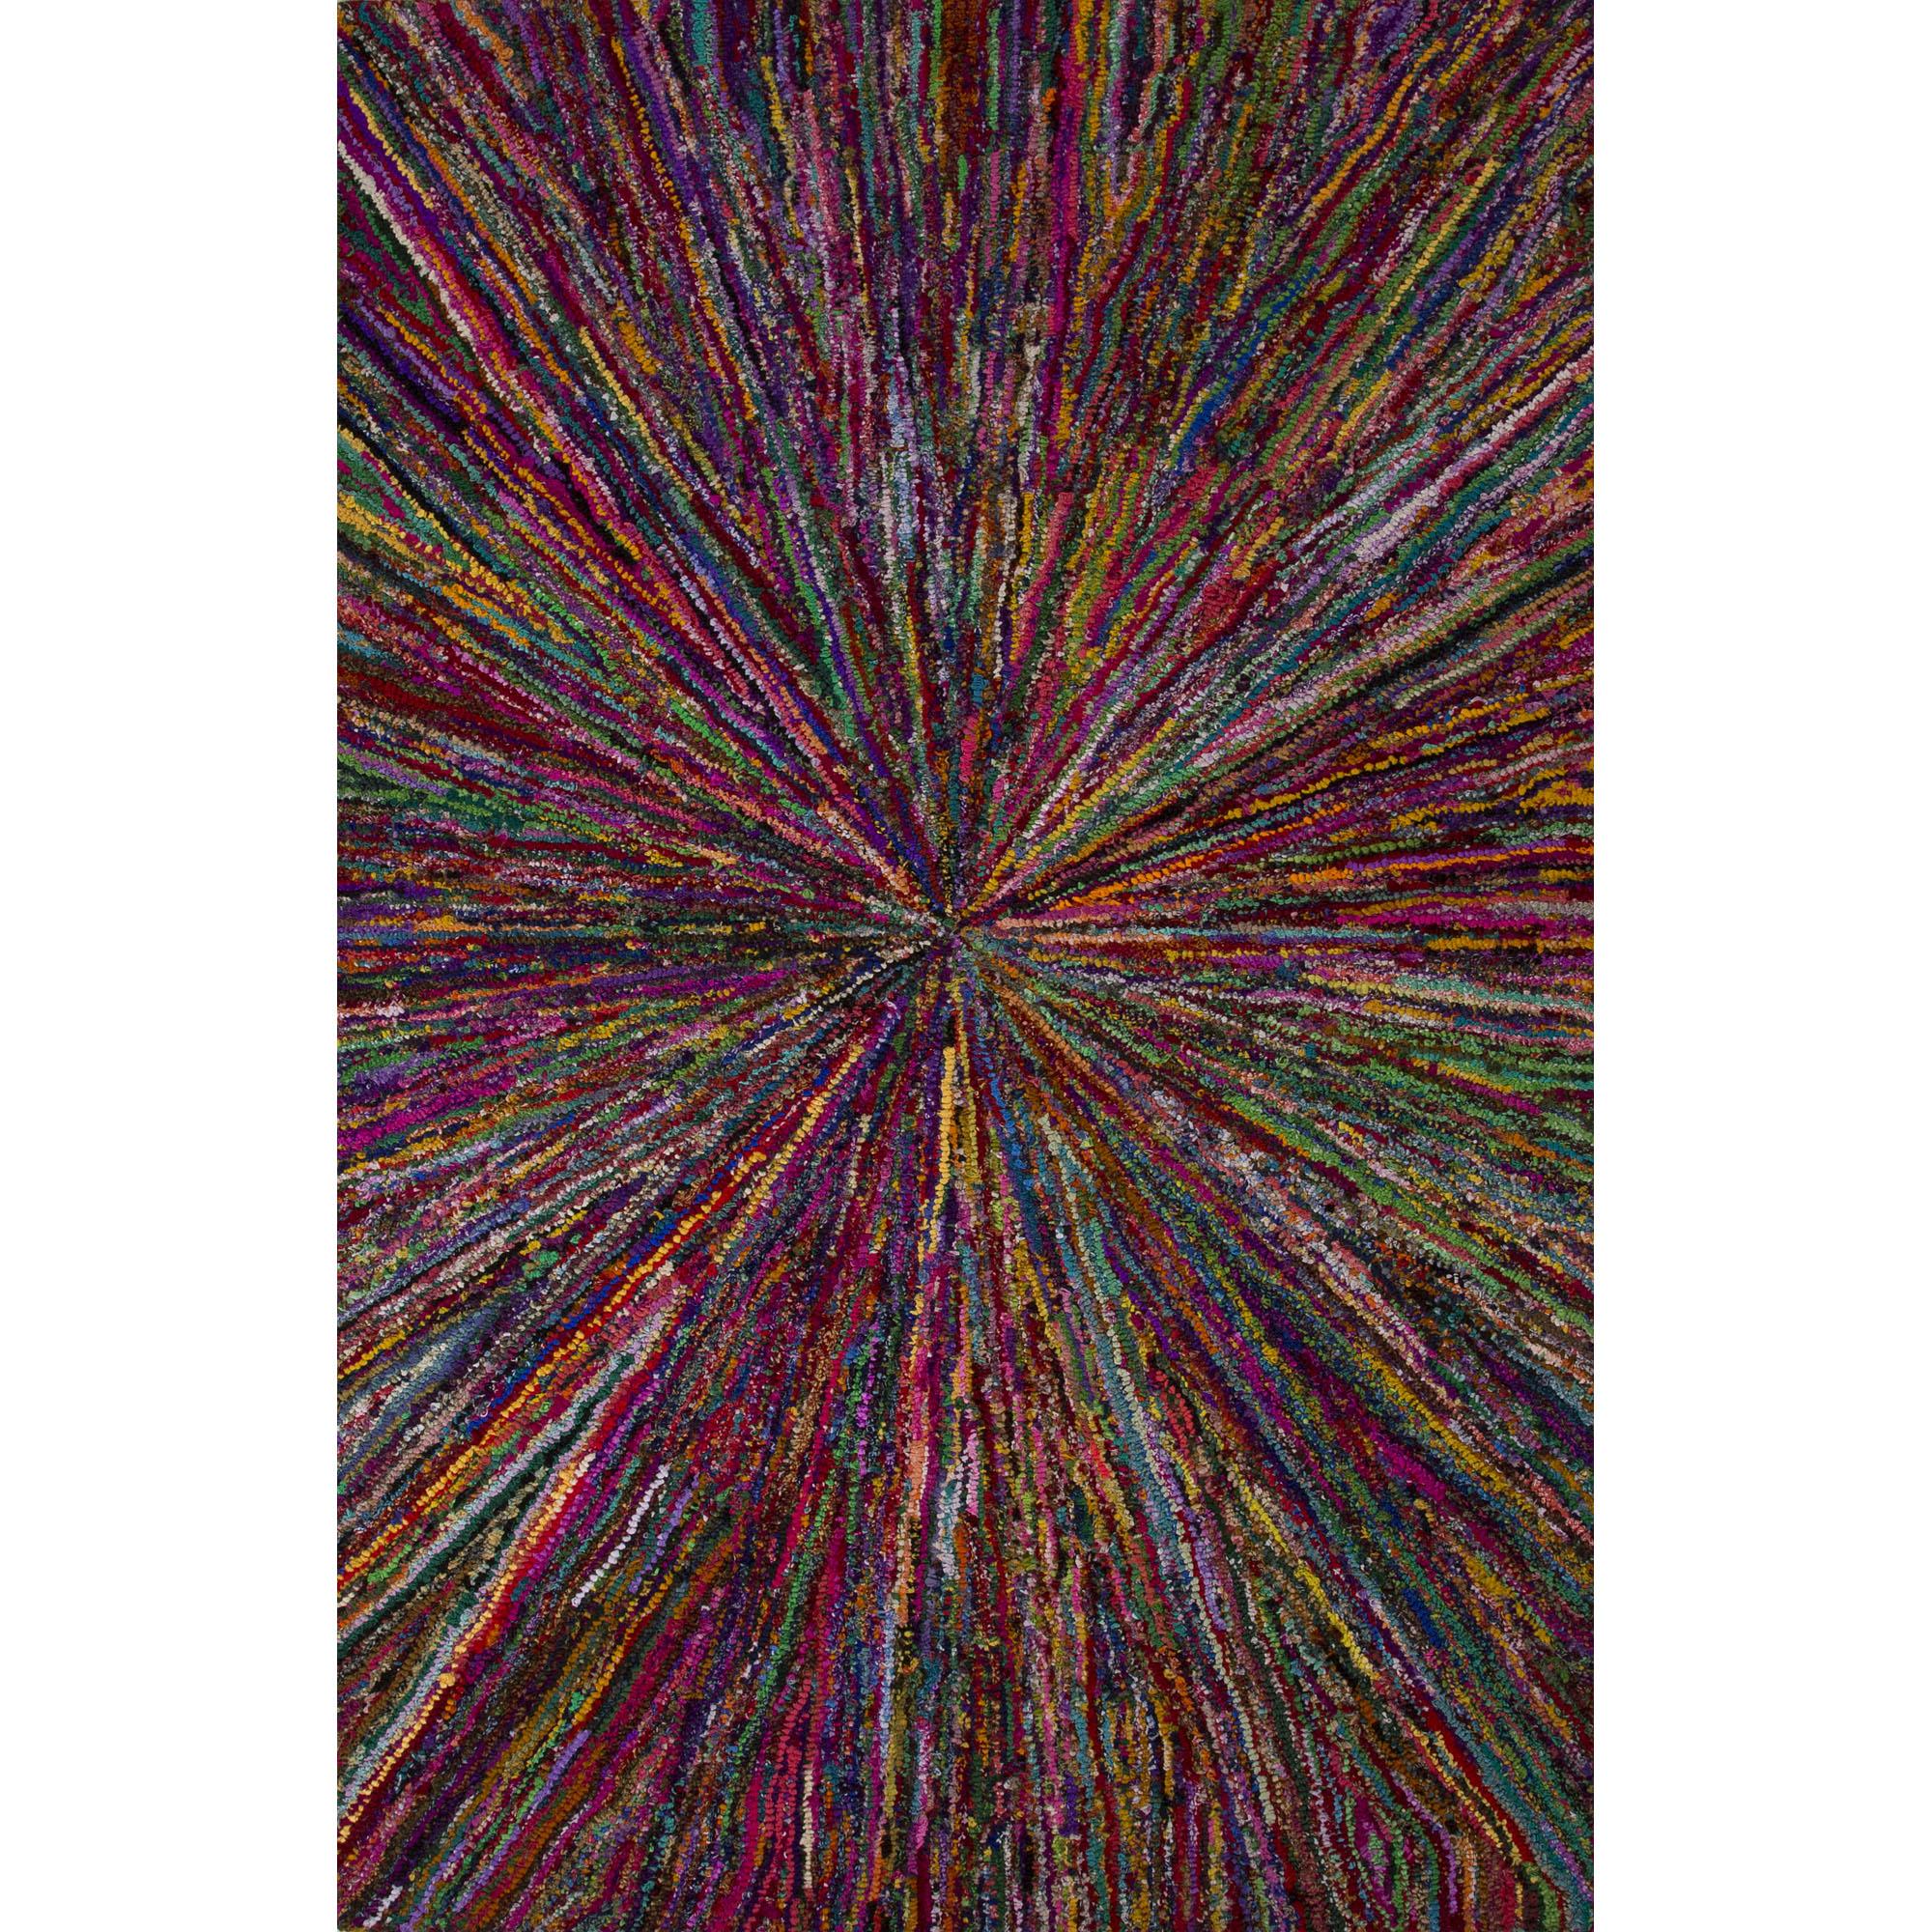 JAIPUR Rugs Monroe 2 x 3 Rug - Item Number: RUG124680